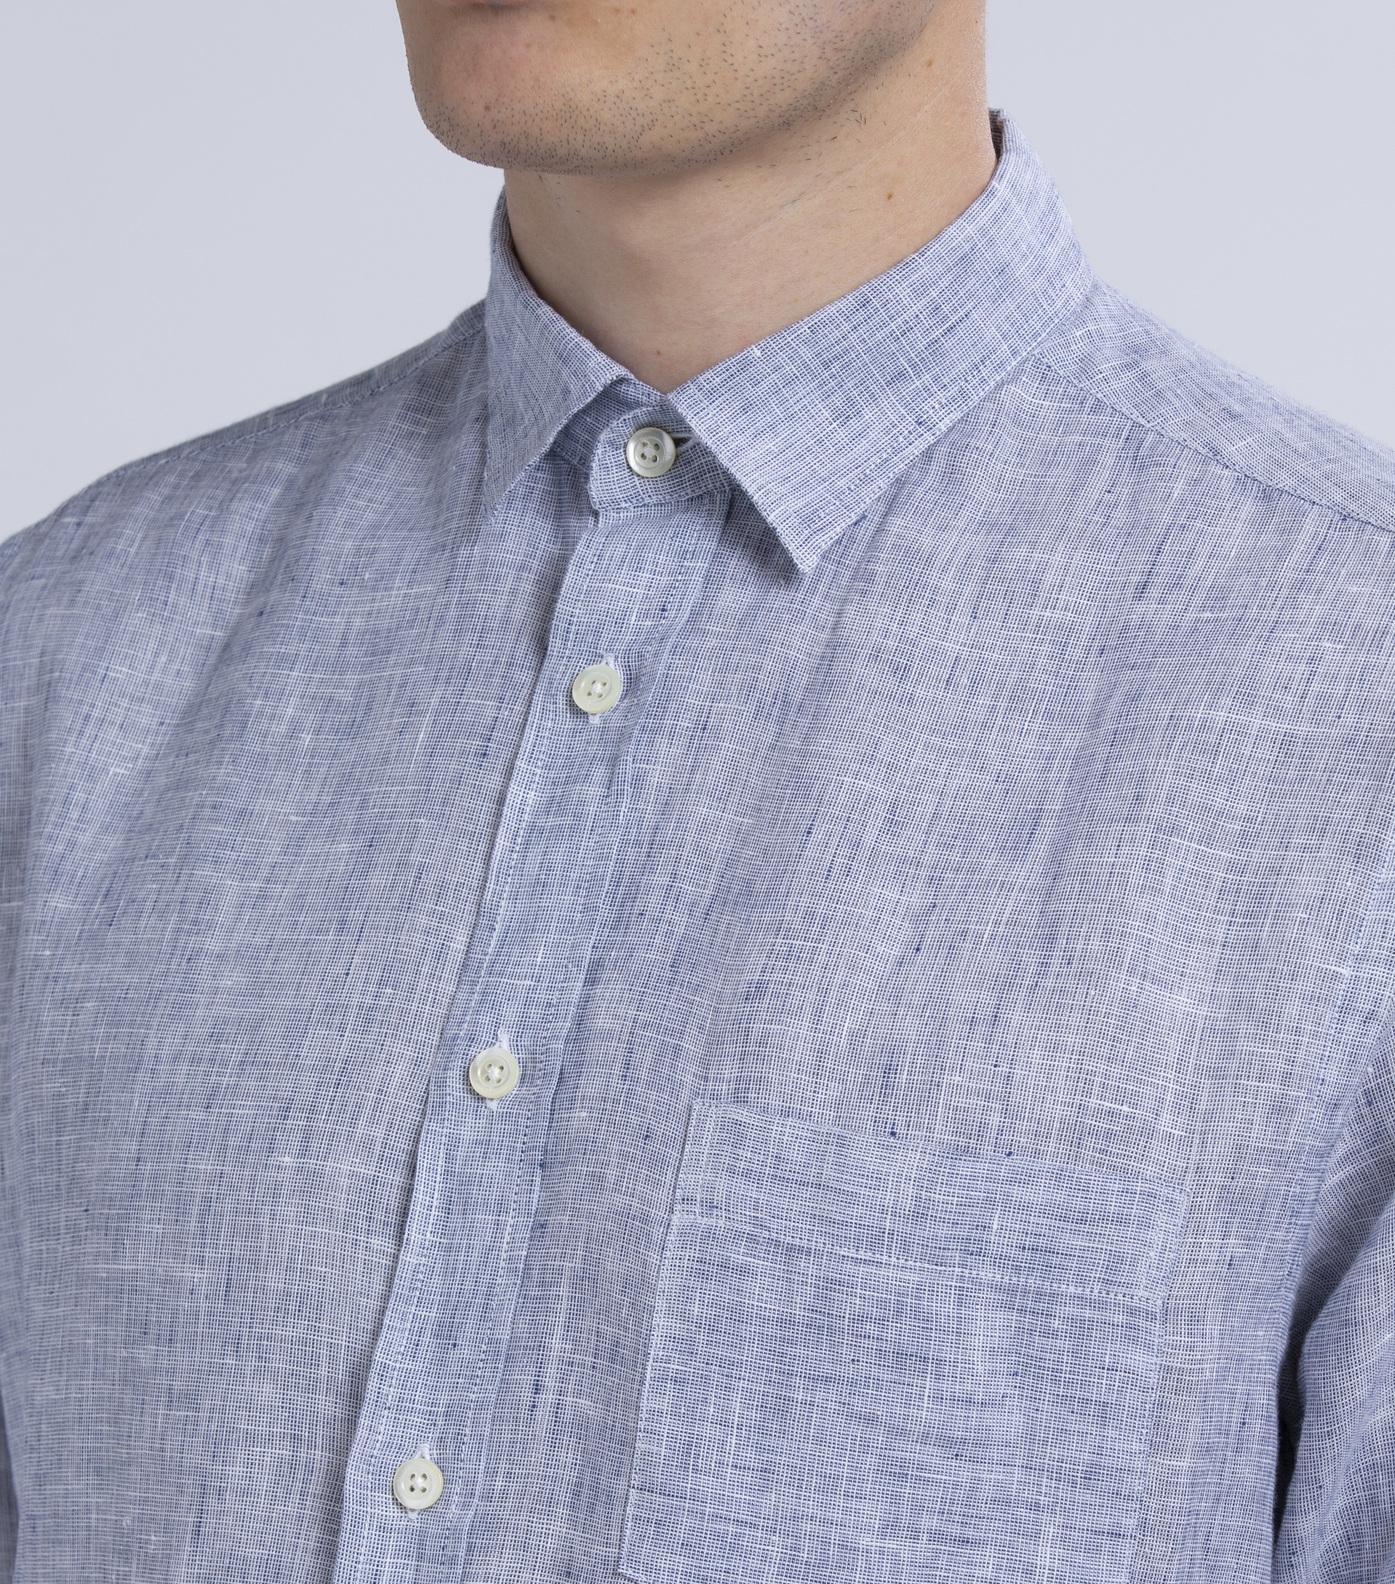 SHIRT TRINQUET - Blue